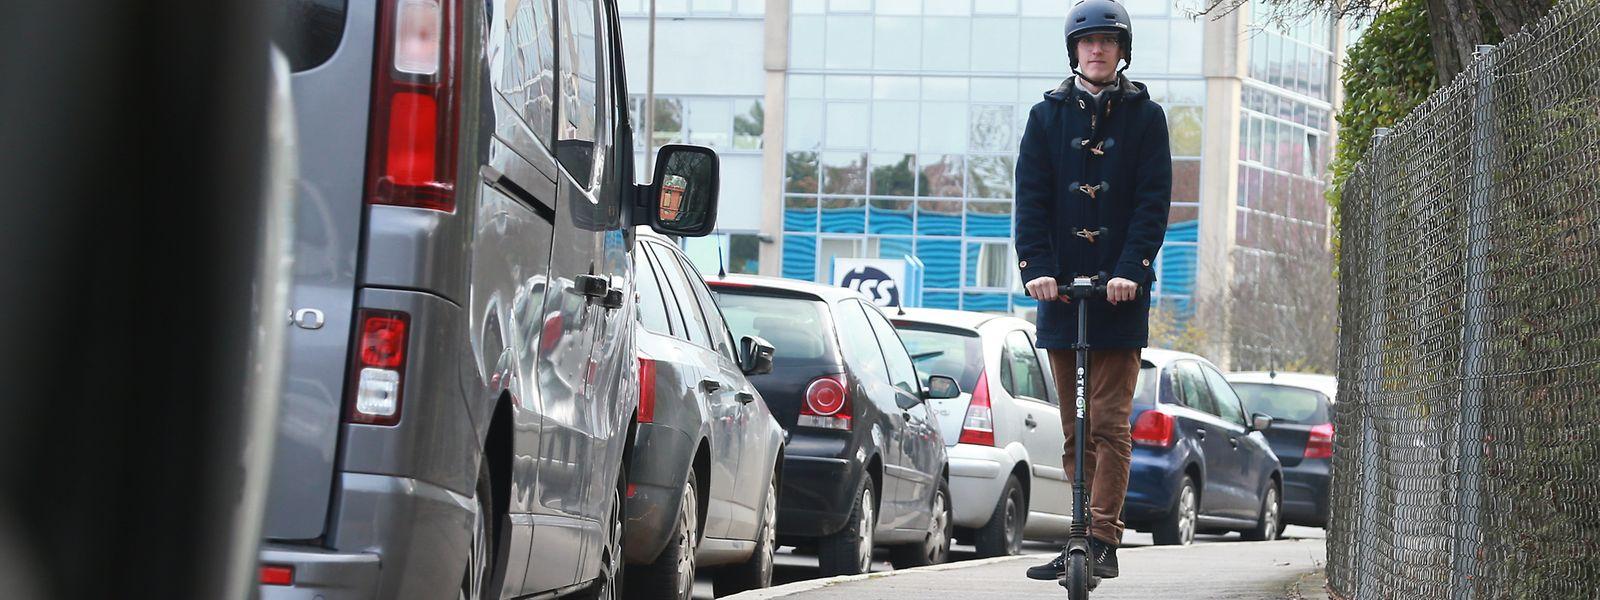 Au Luxembourg, la vitesse limite autorisée pourrait être de 25 km/h pour trottinettes, hoverboards et gyropodes.